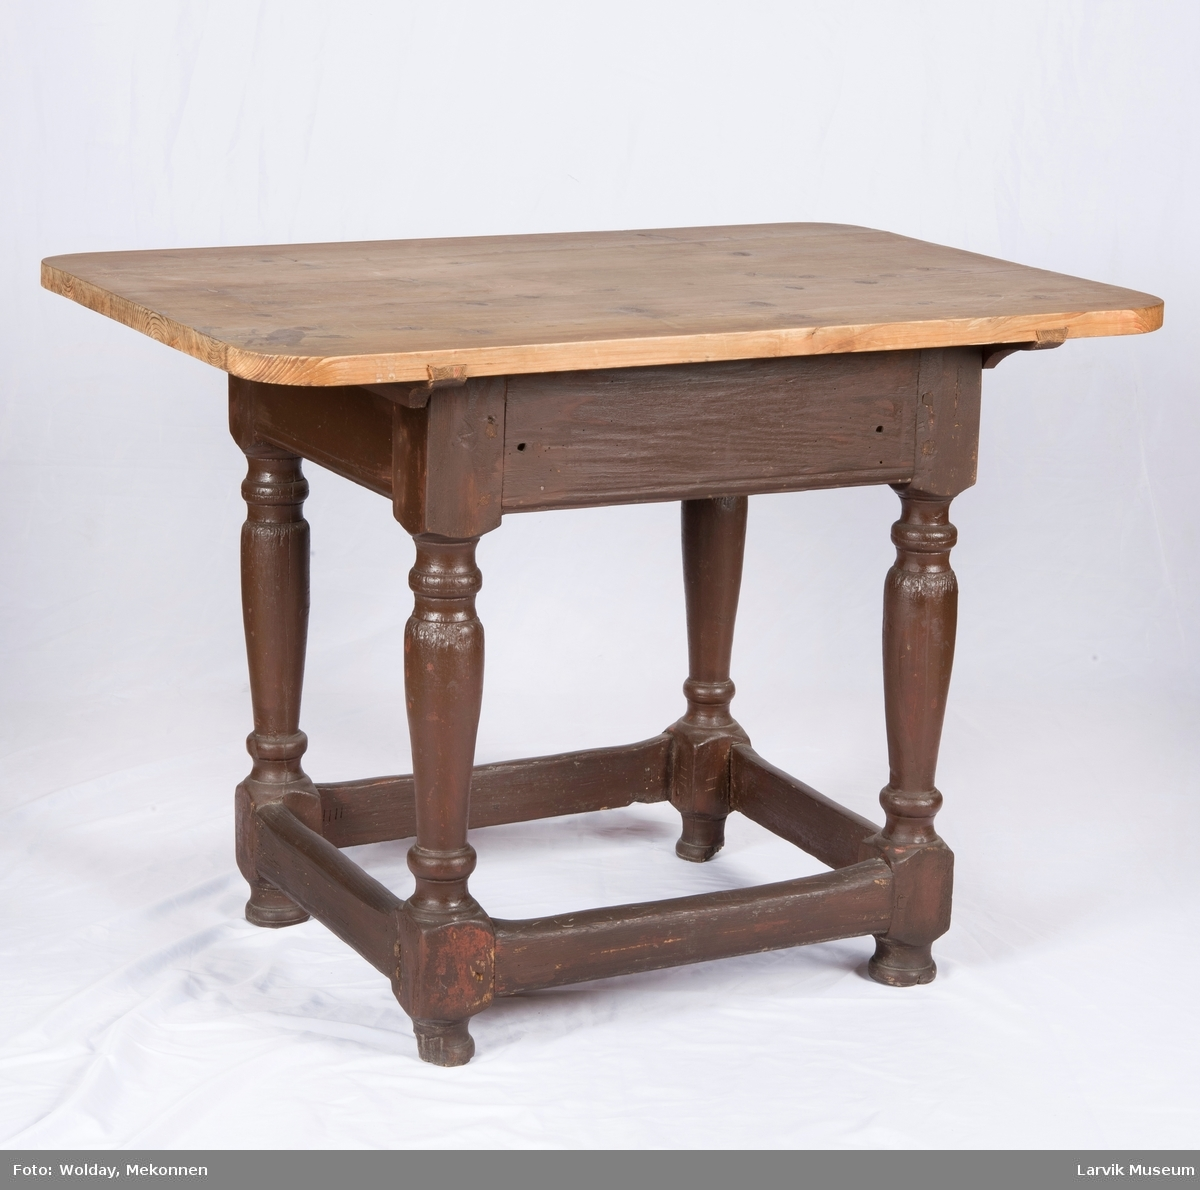 Rektangulær bordplate med avrundede hjørner, sammen- satt av 4 deler, festet med trenagler til sarg. Dreide ben, forbundet med rett sprosseverk. En skuff på langsiden.